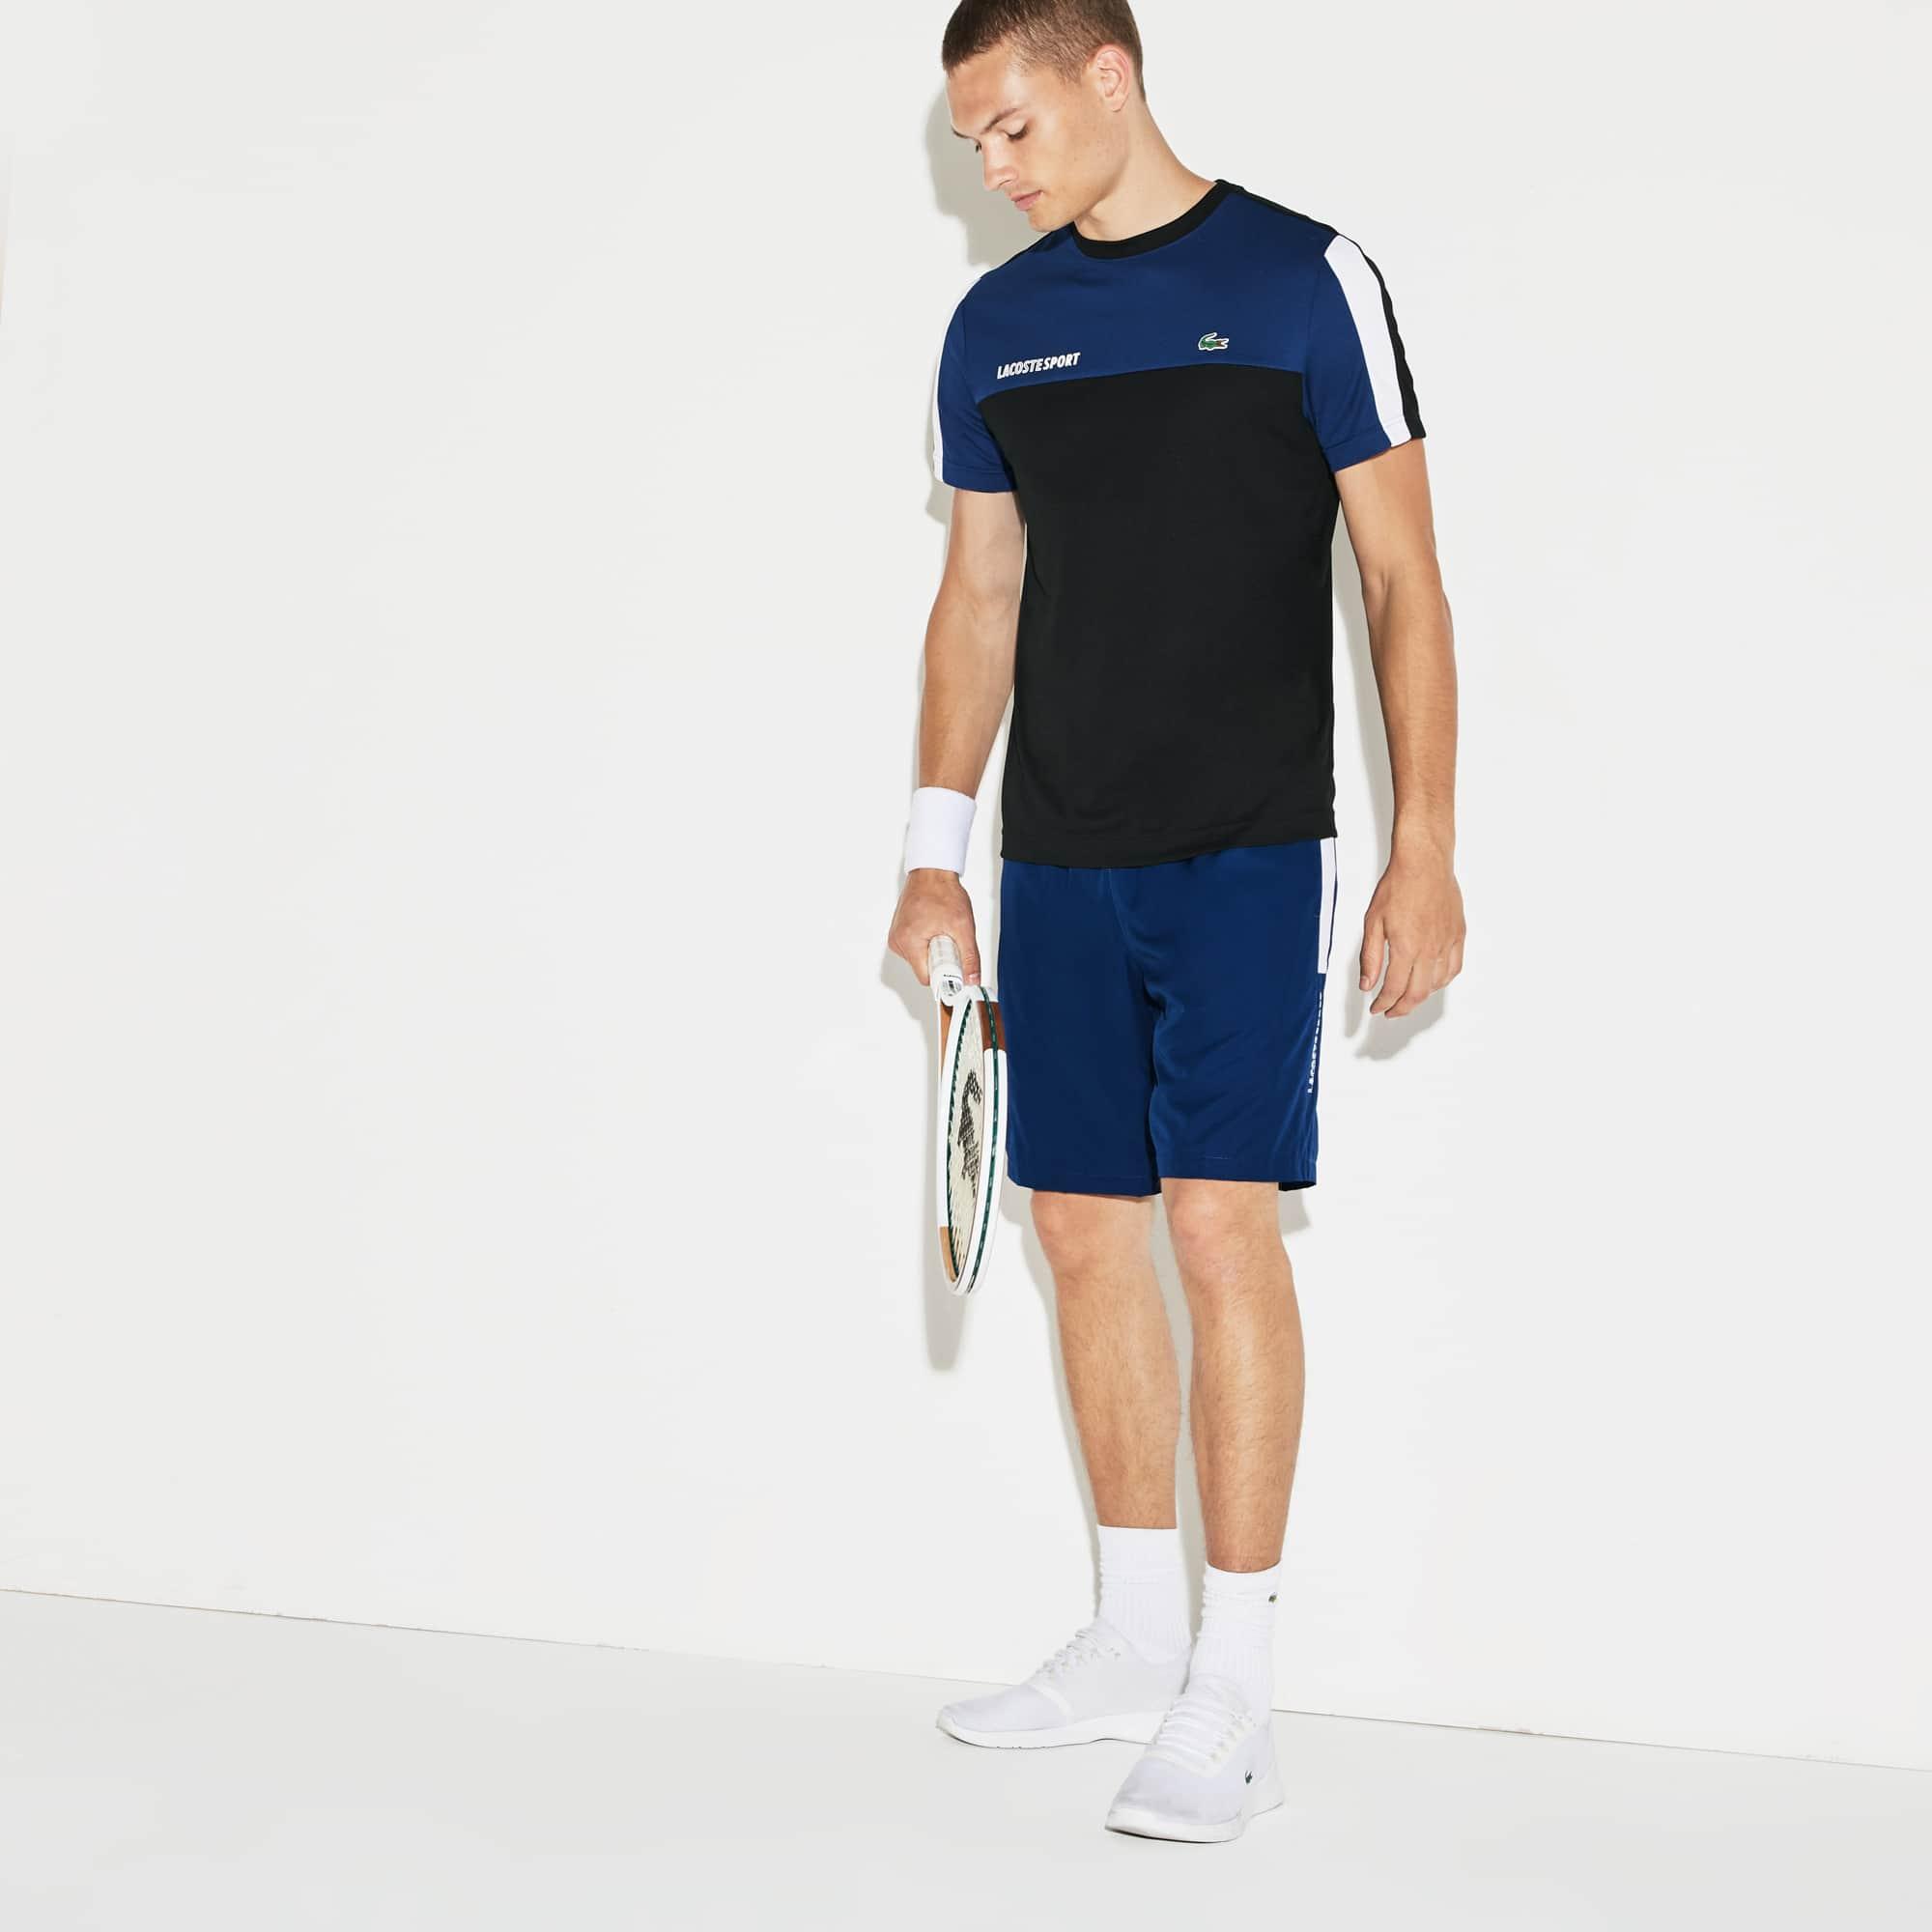 Pantaloncini Tennis Lacoste SPORT in taffetà con fasce colorate